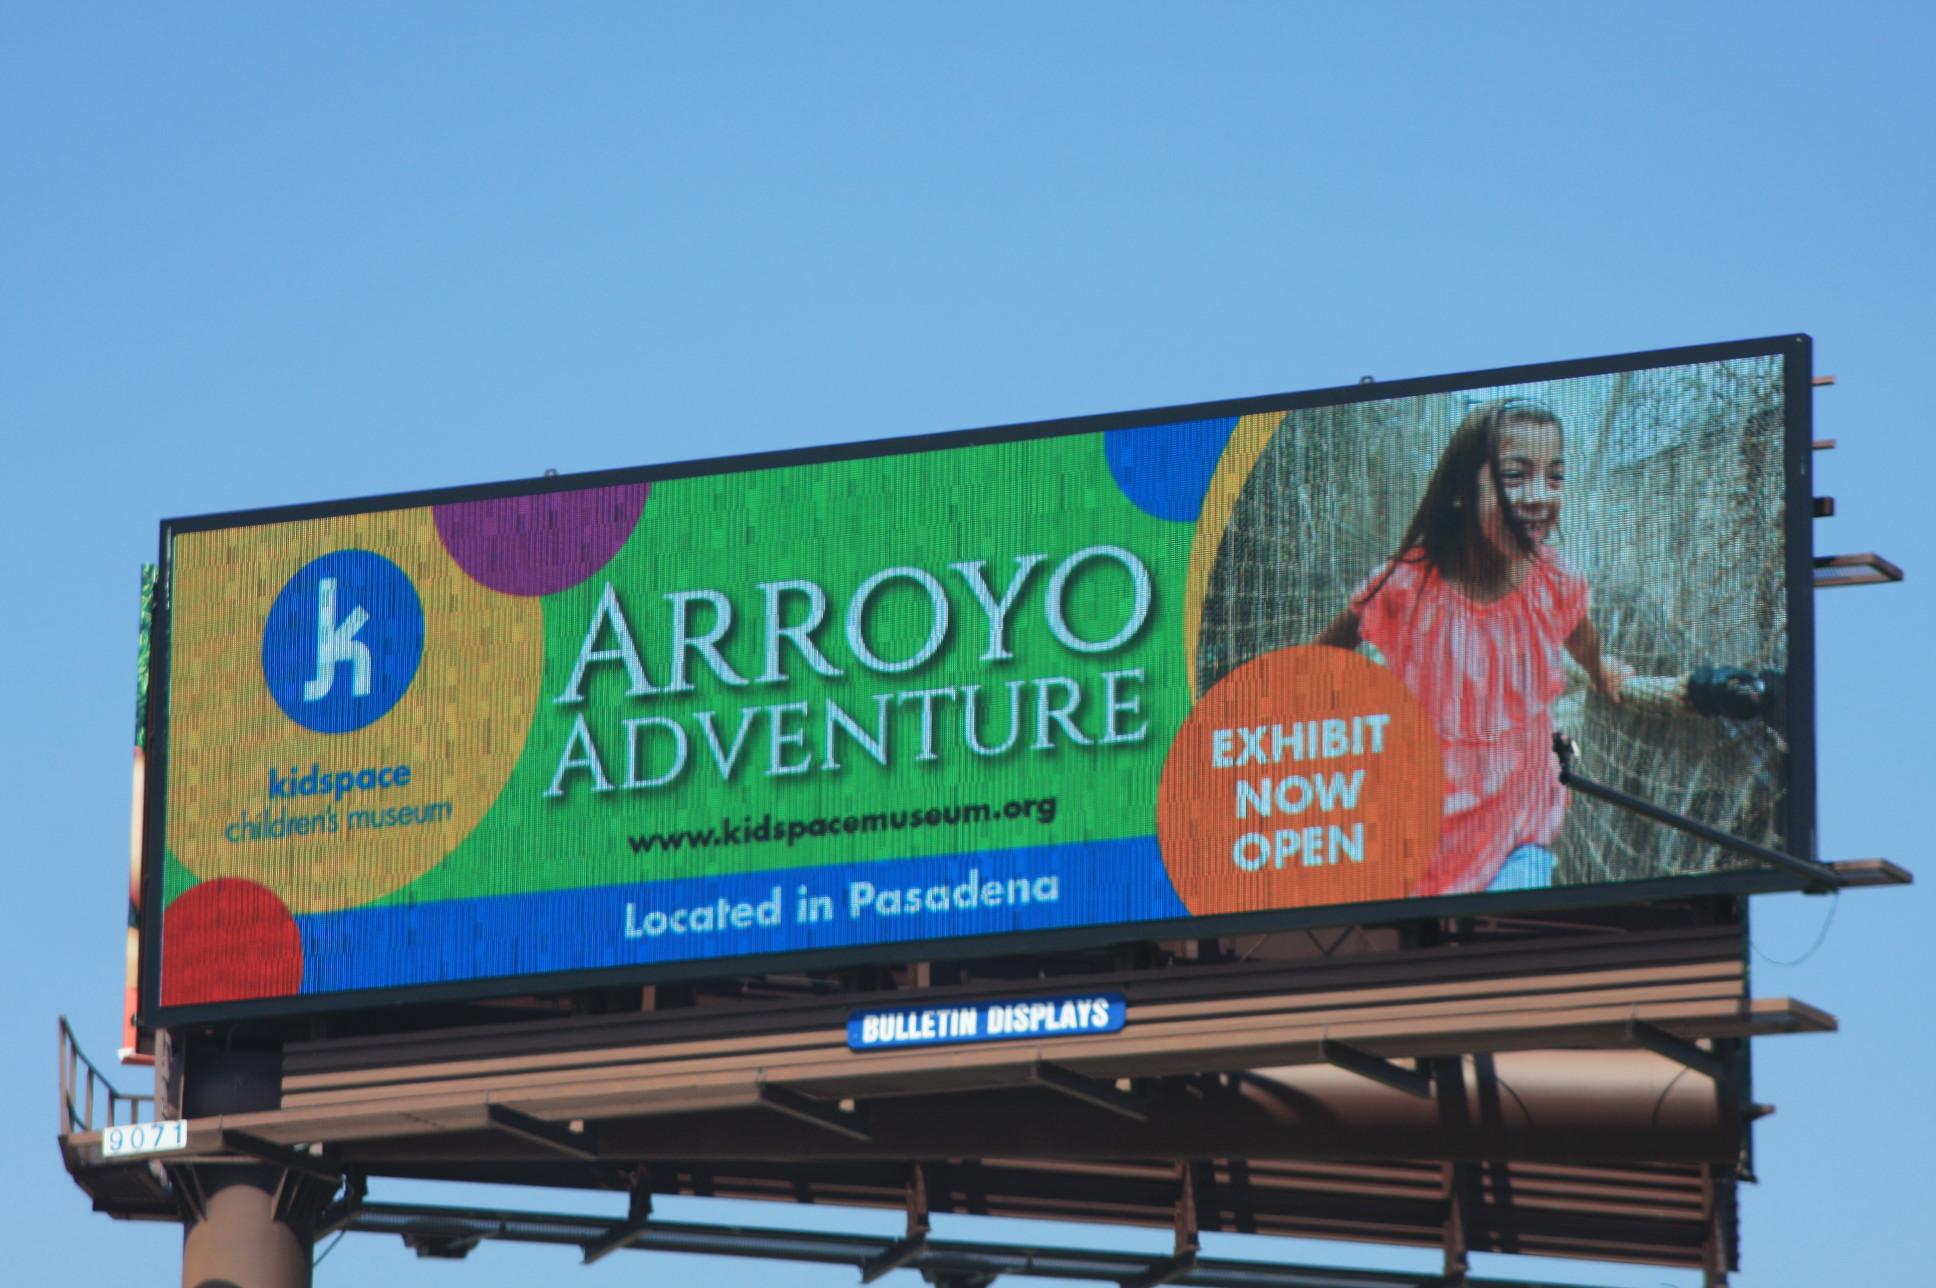 9071 Kidspace Children's Museum 'Arroyo Adventure' POP Camera 7.28.16